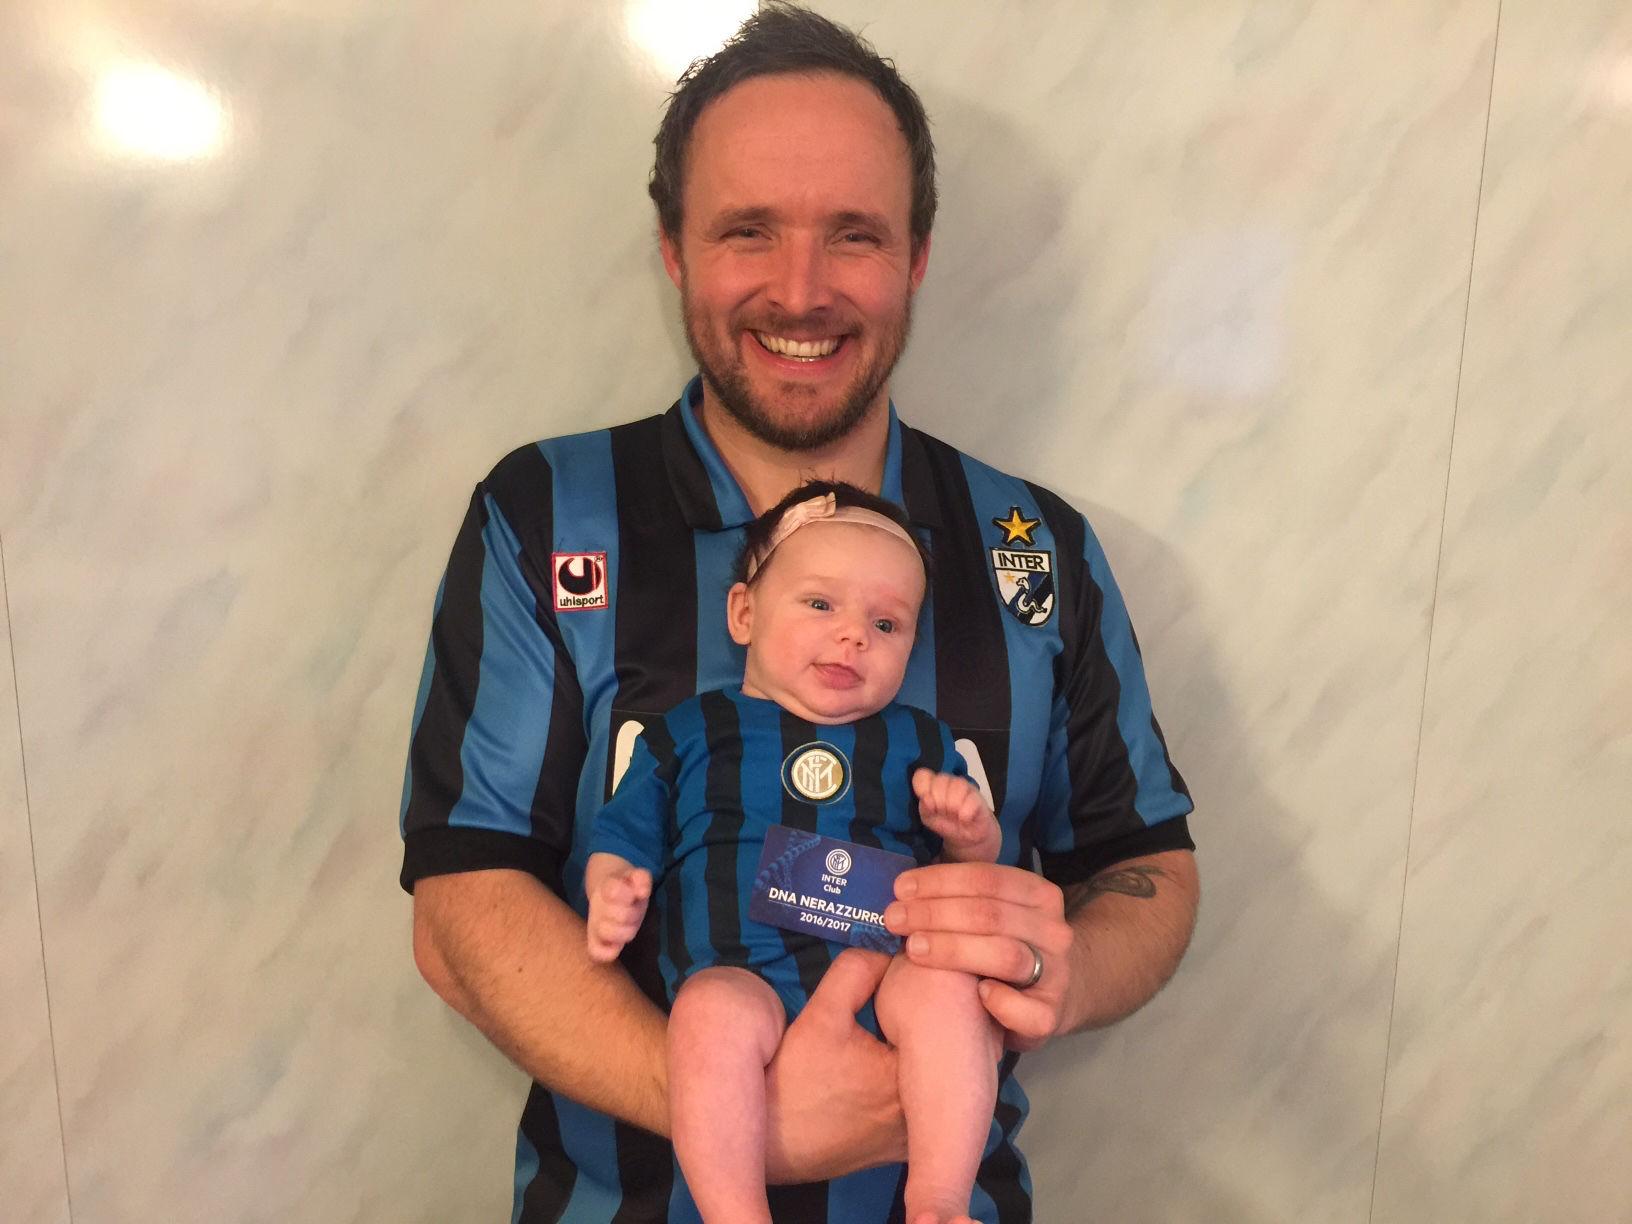 Inter Club sprinkle black and blue in Norway